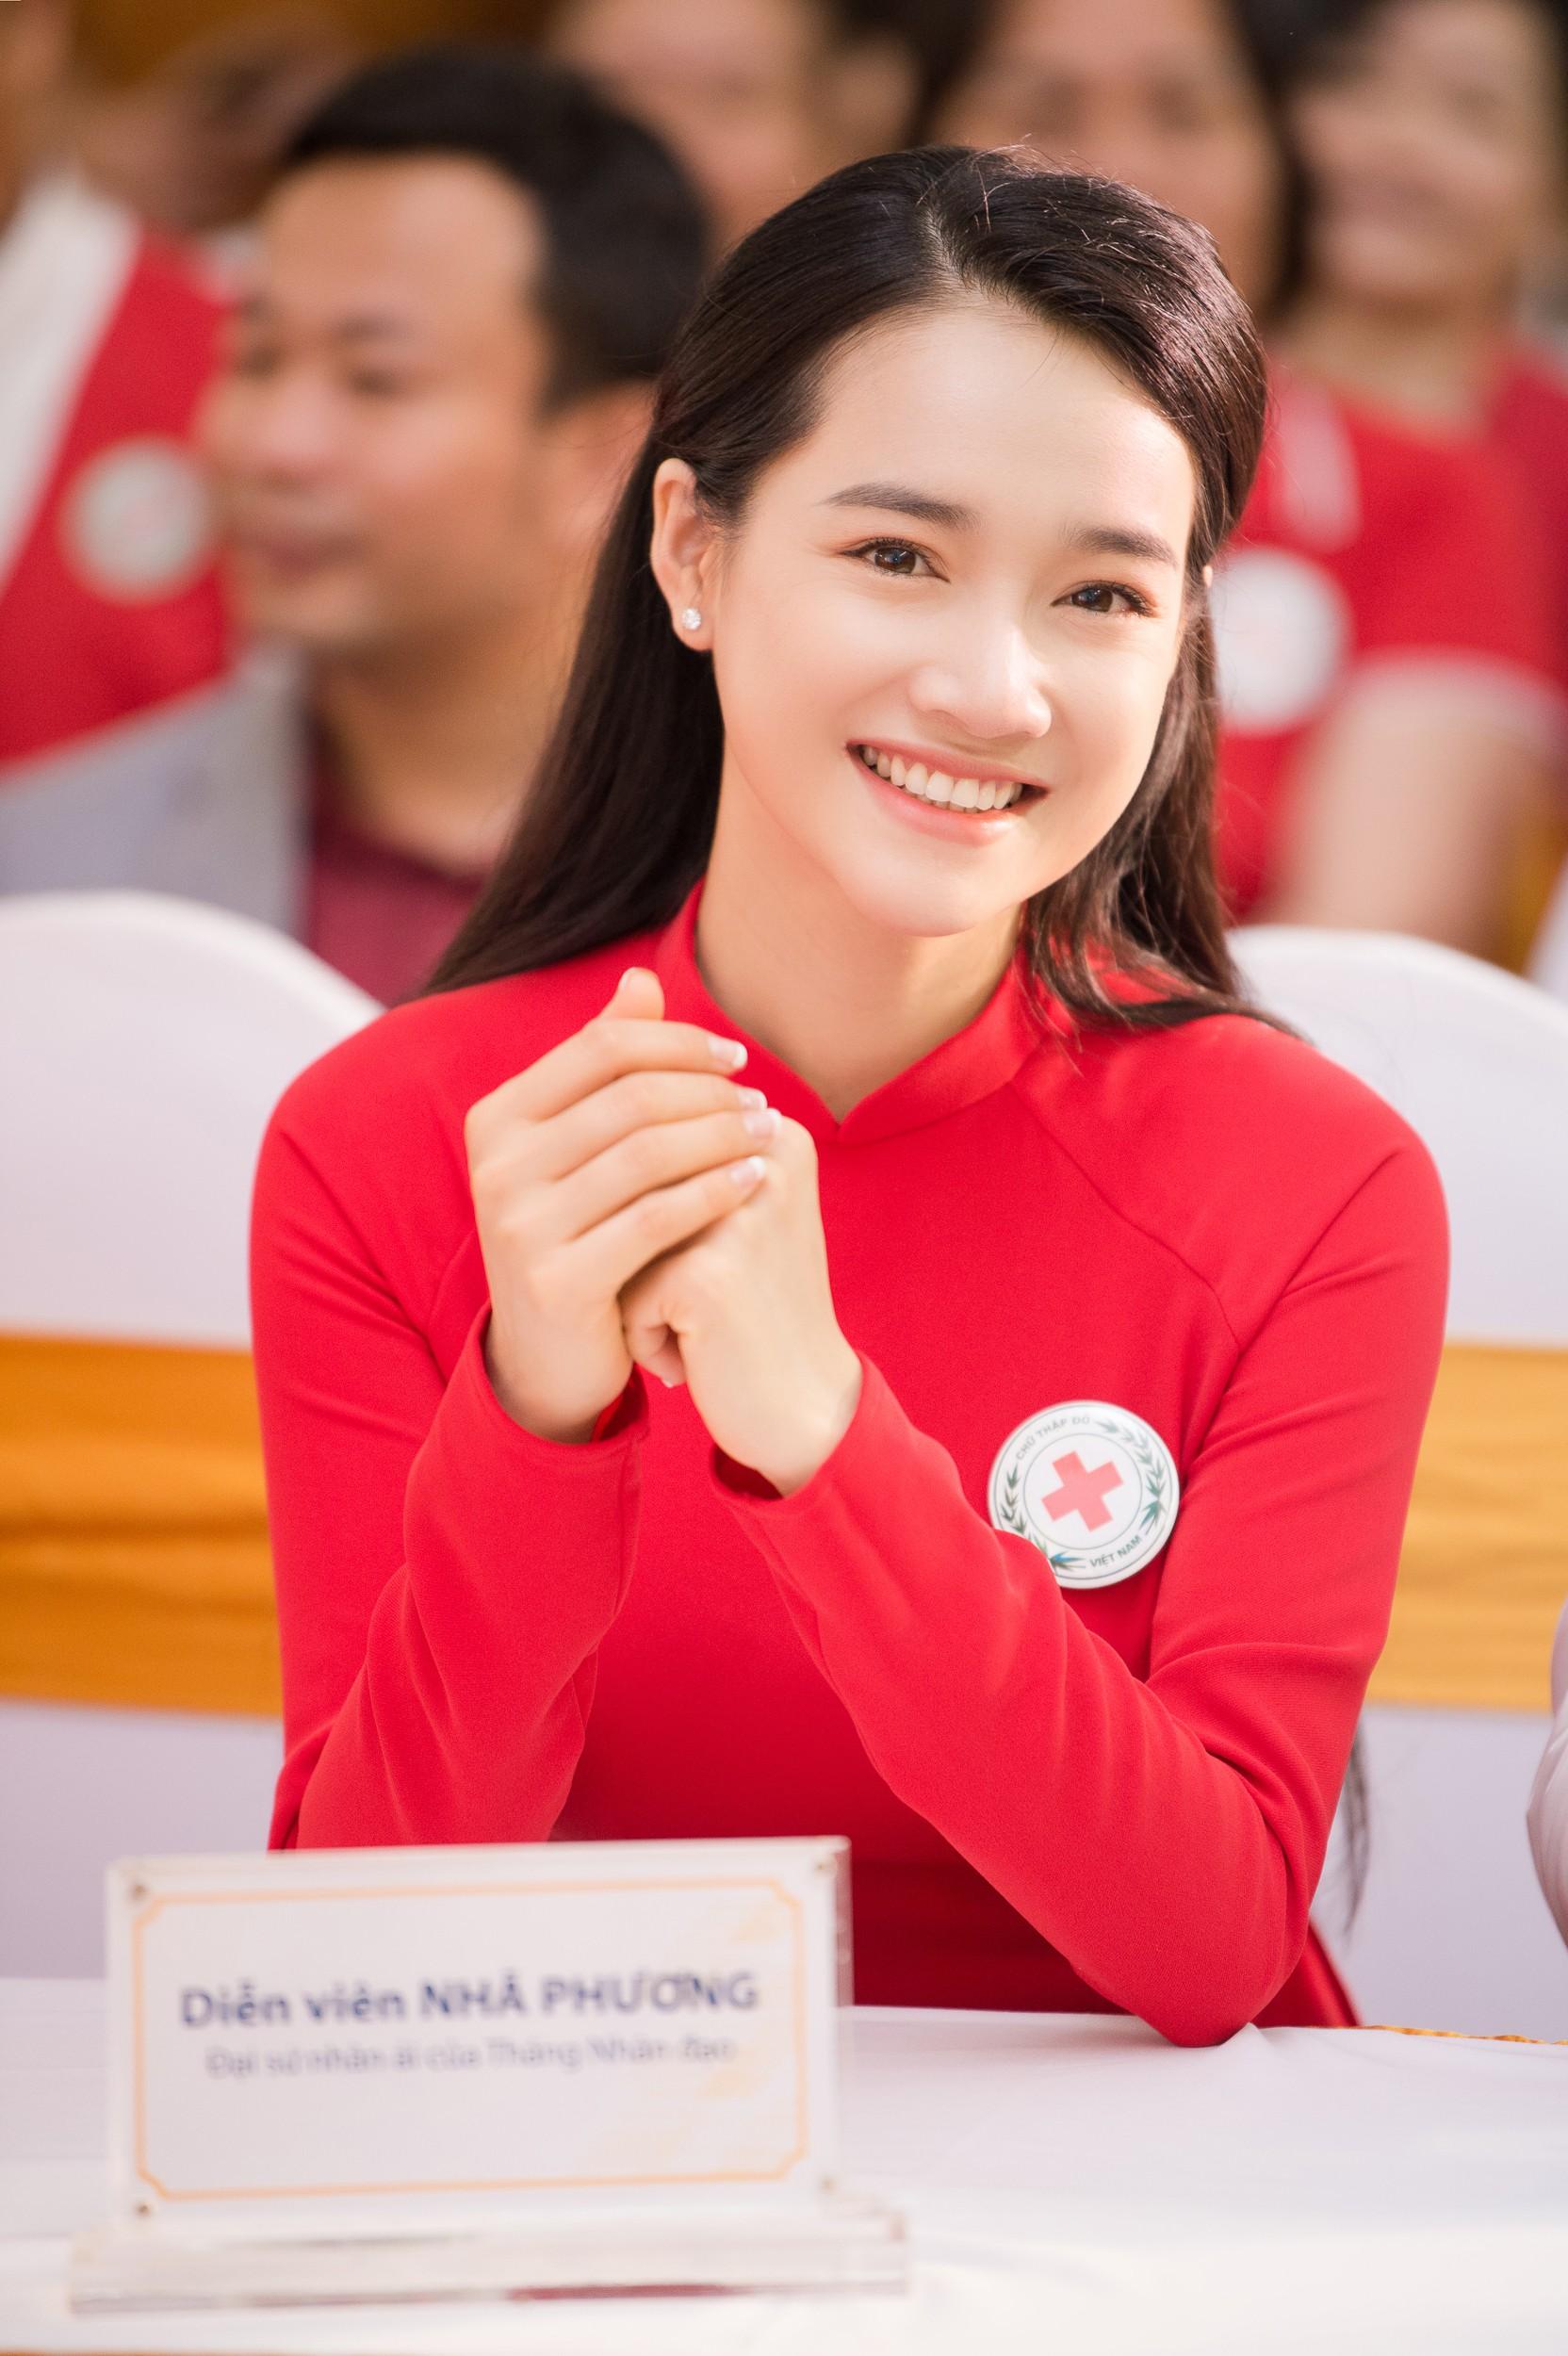 Nhã Phương vinh dự trở thành đại sứ của tháng Nhân đạo Quốc gia - Ảnh 1.